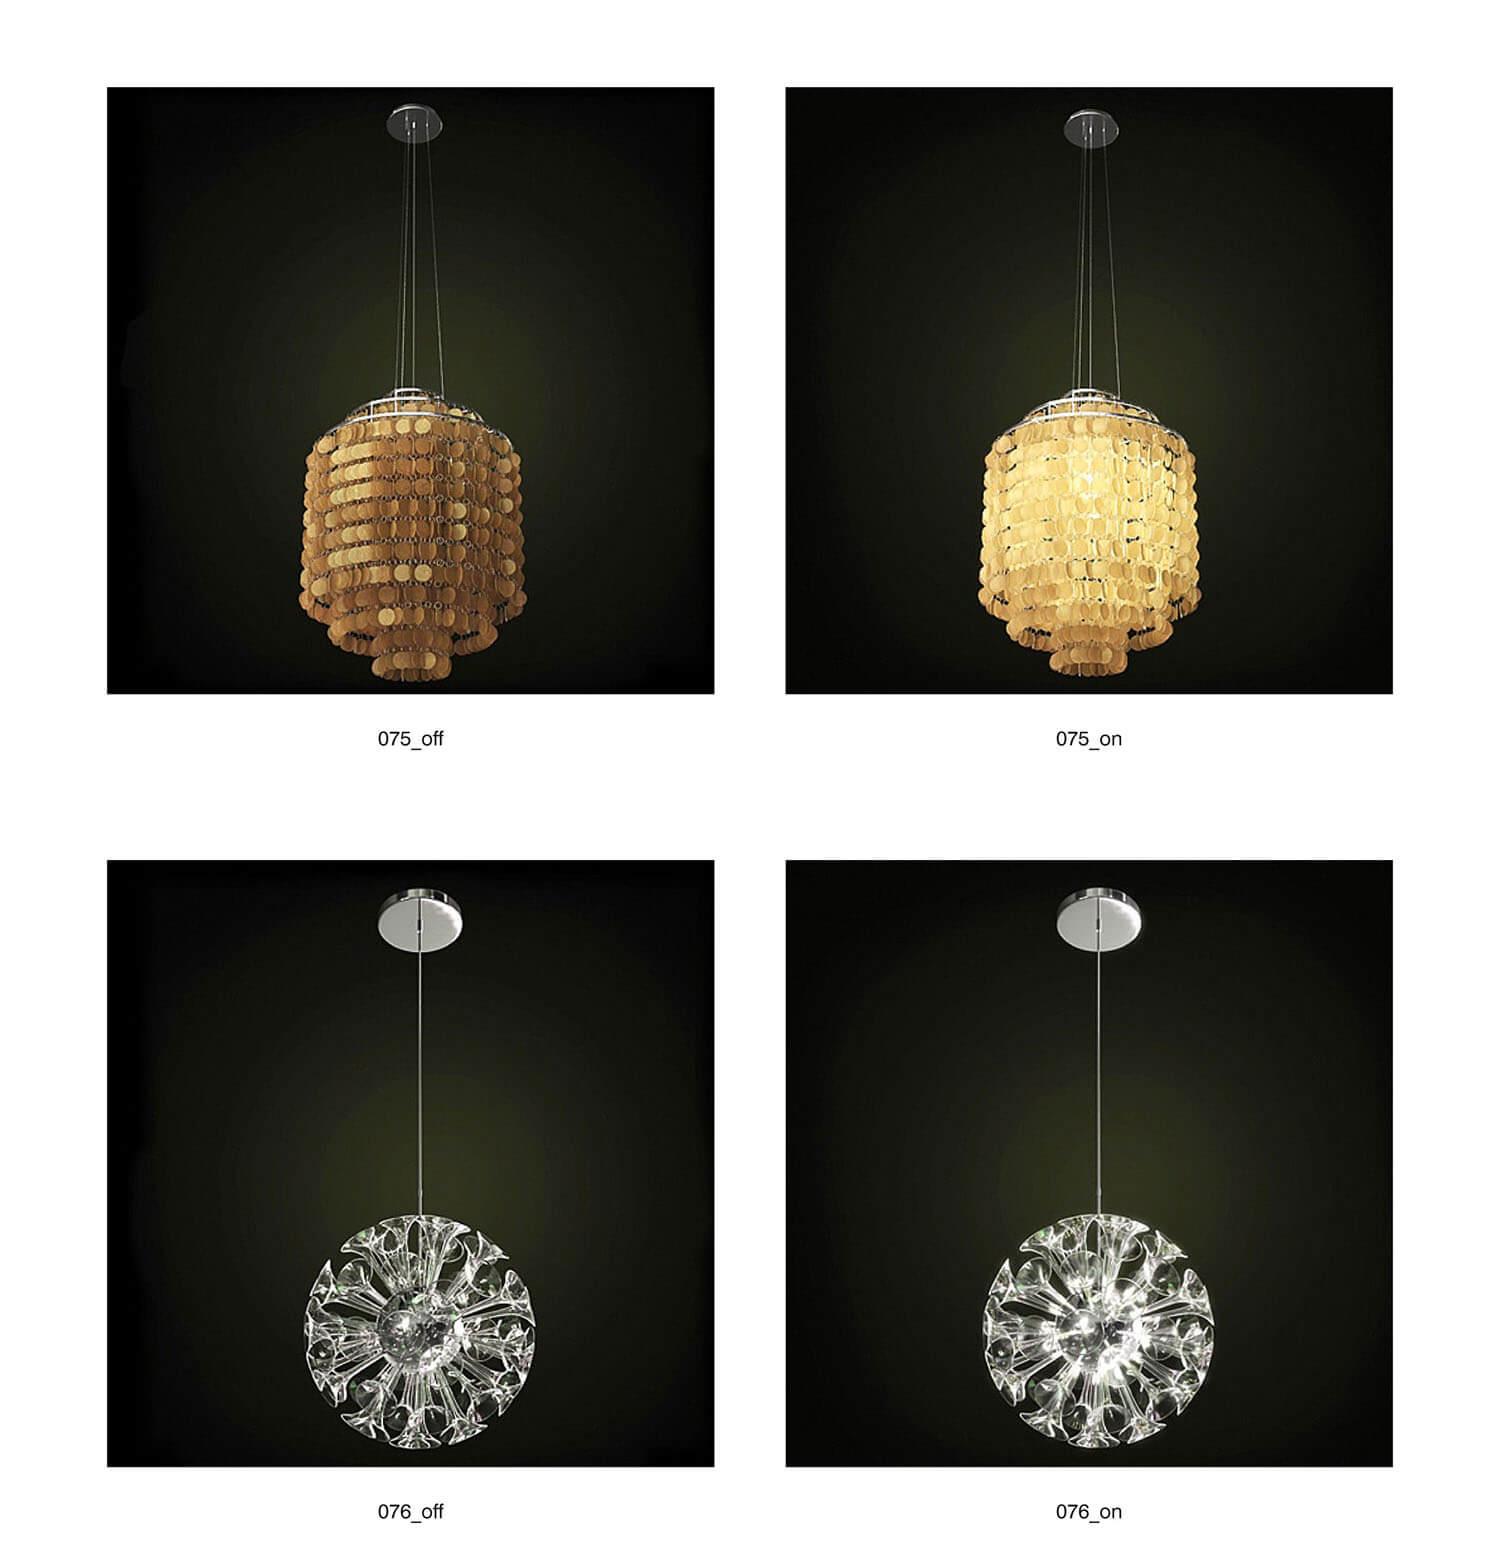 Các mẫu đèn thả có ánh sáng lung linh, phù hợp với không gian sang trọng